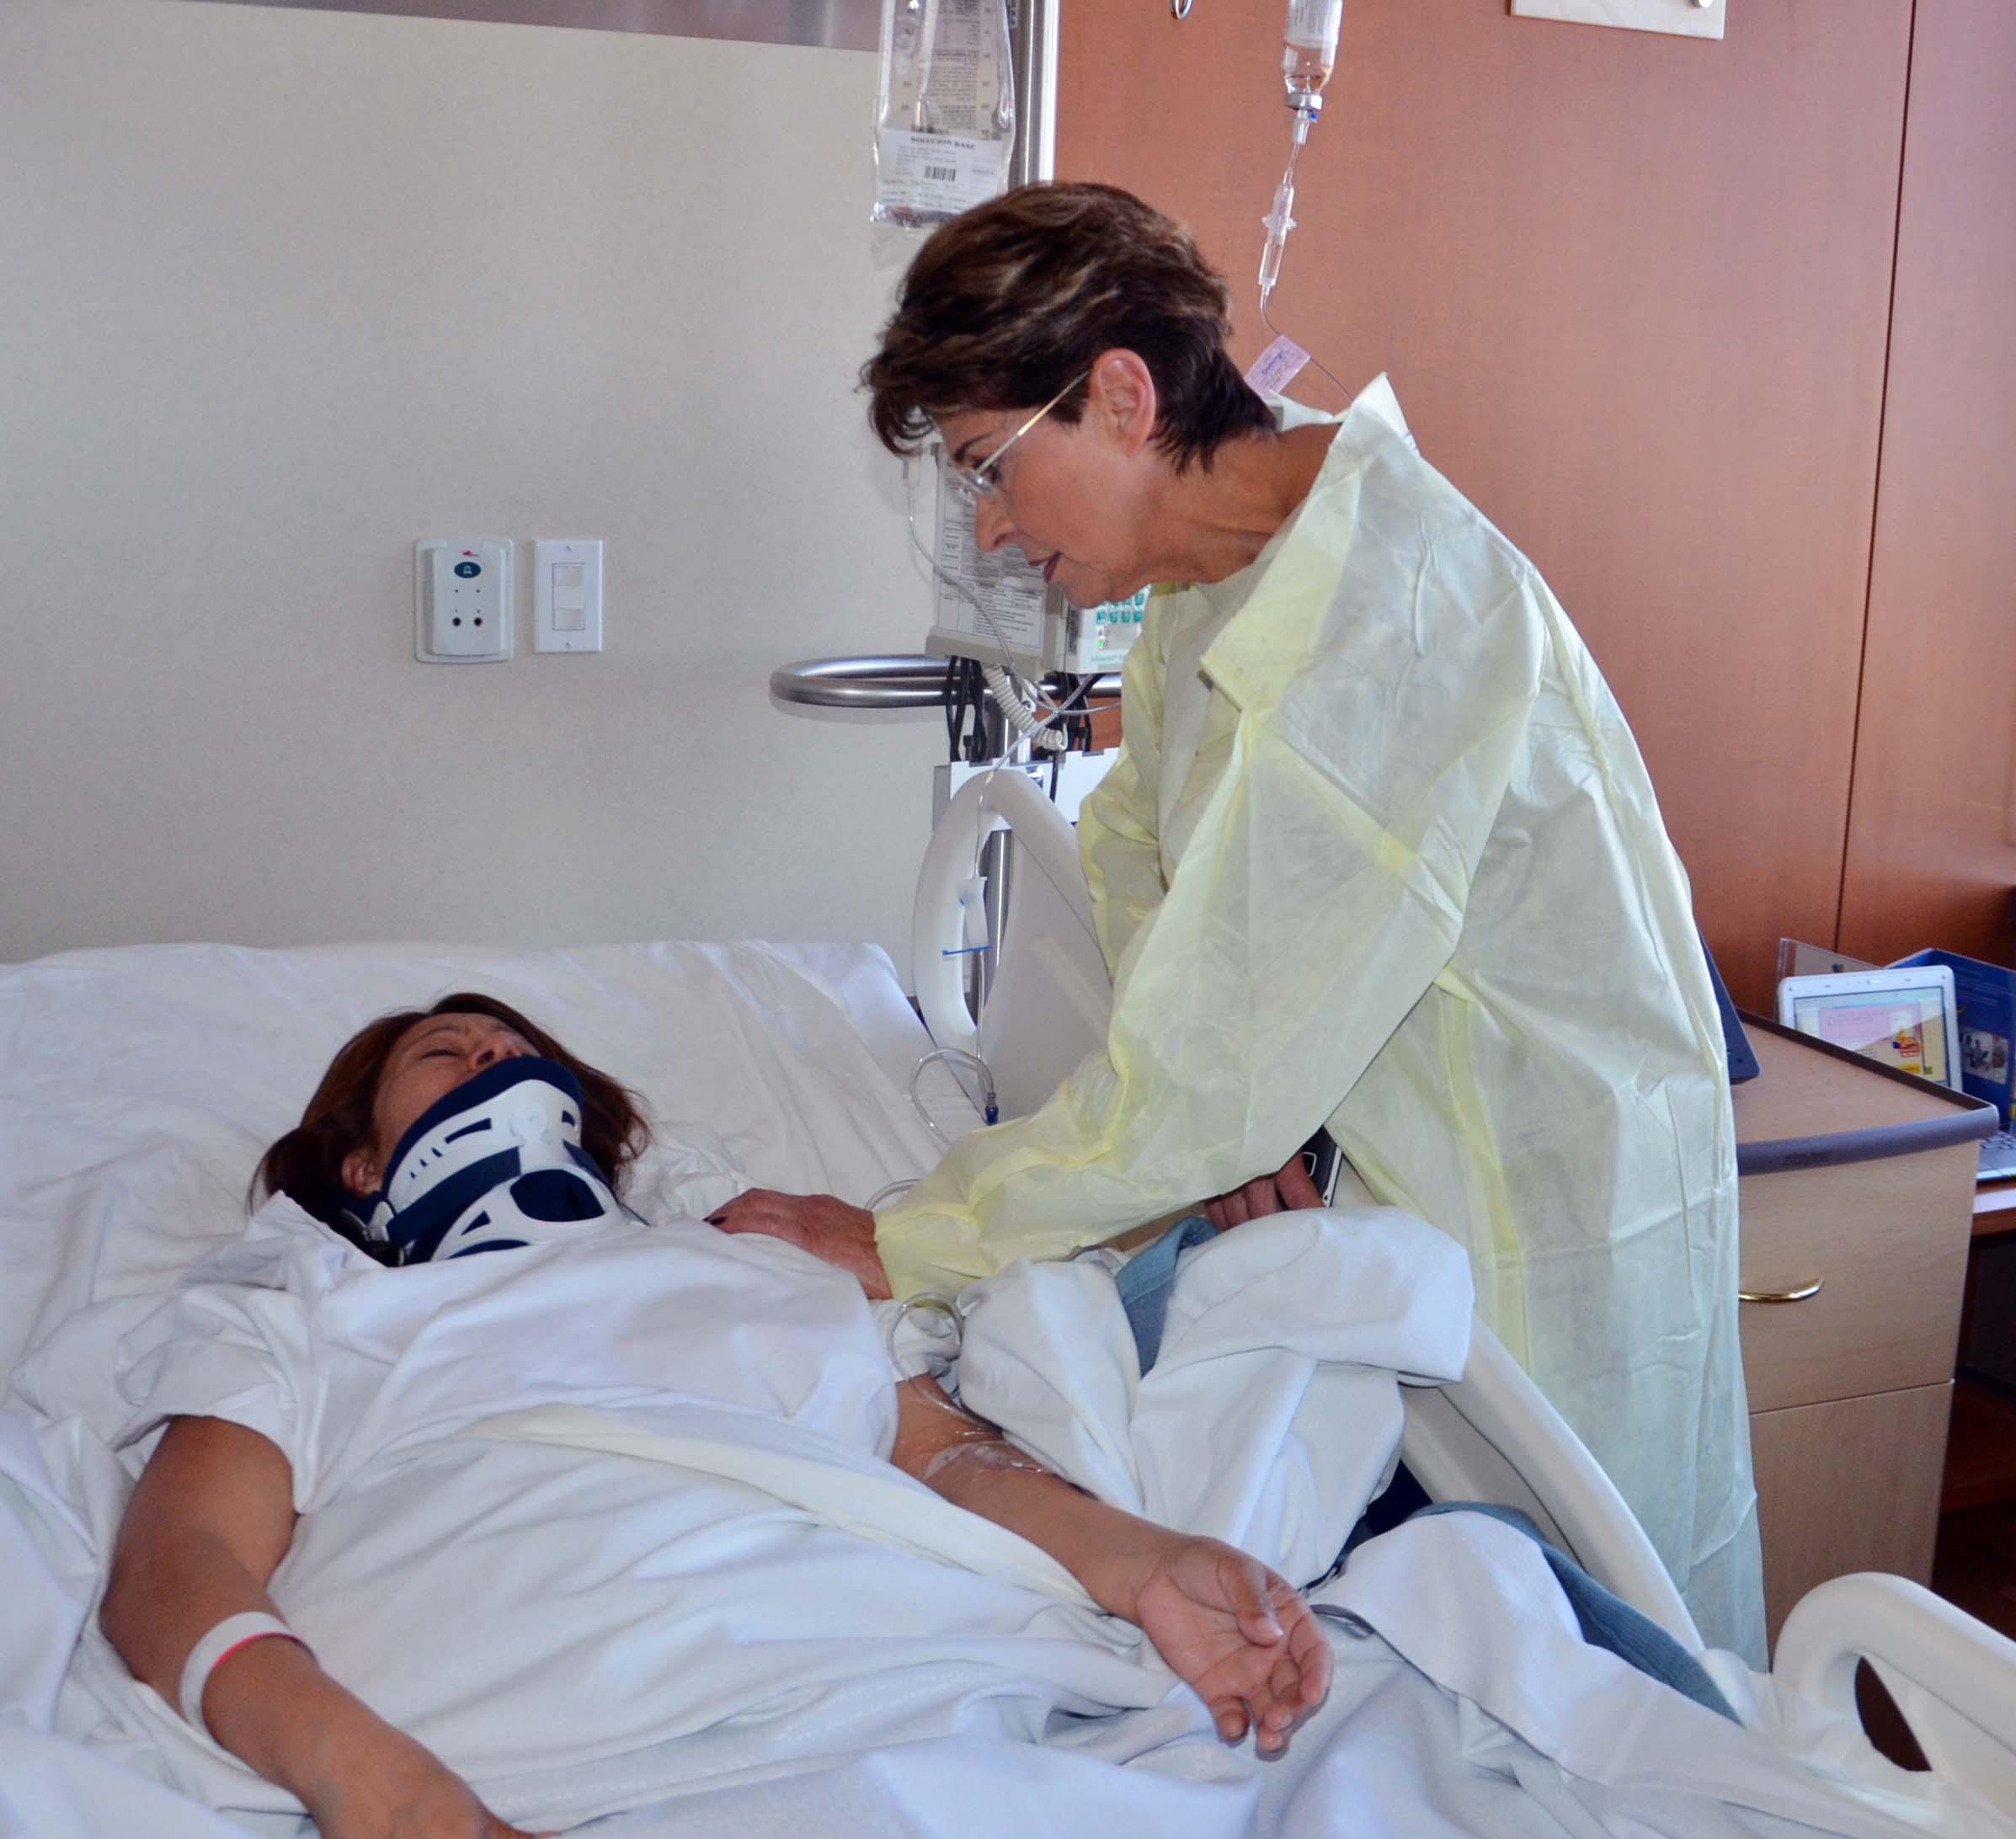 La Secretaria de Salud, Mercedes Juan, supervisó el estado de salud de los pacientes internados en diferentes hospitales